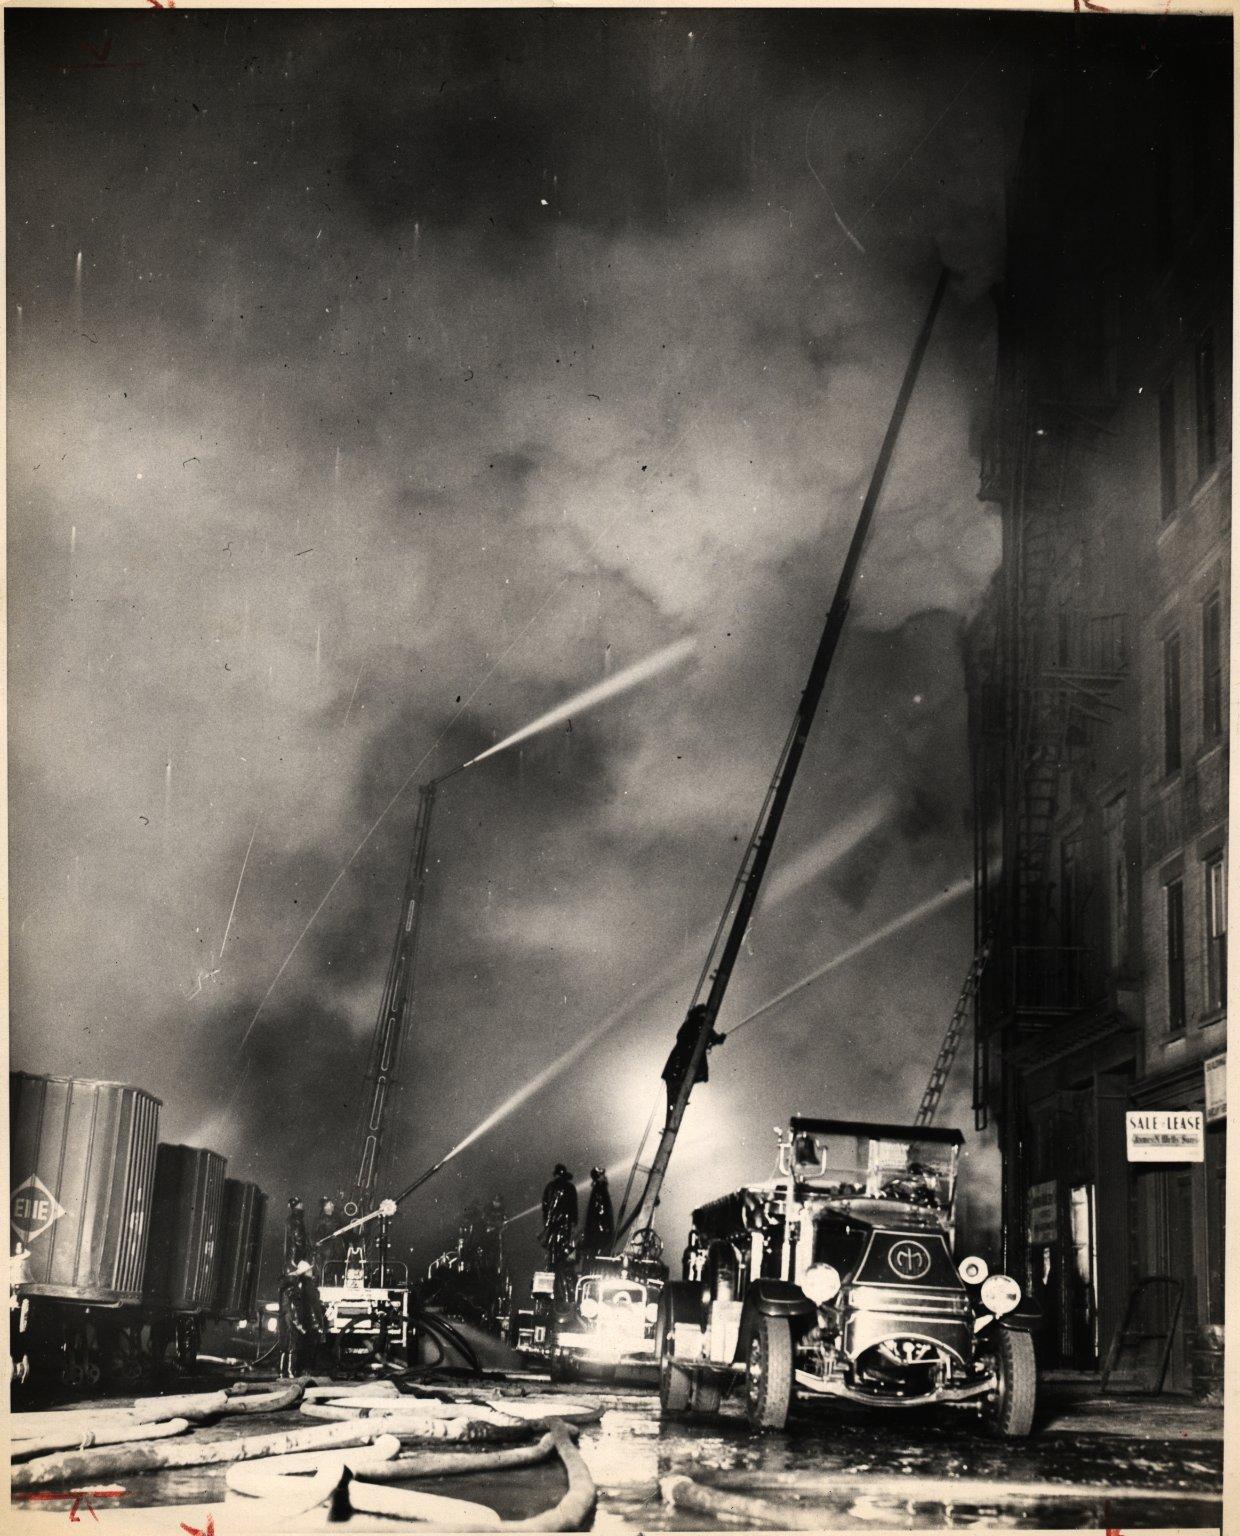 Пожарная водяная башня и пожарная автолестница на тушении пожара. Нью-Йорк, США. Начало 20 века